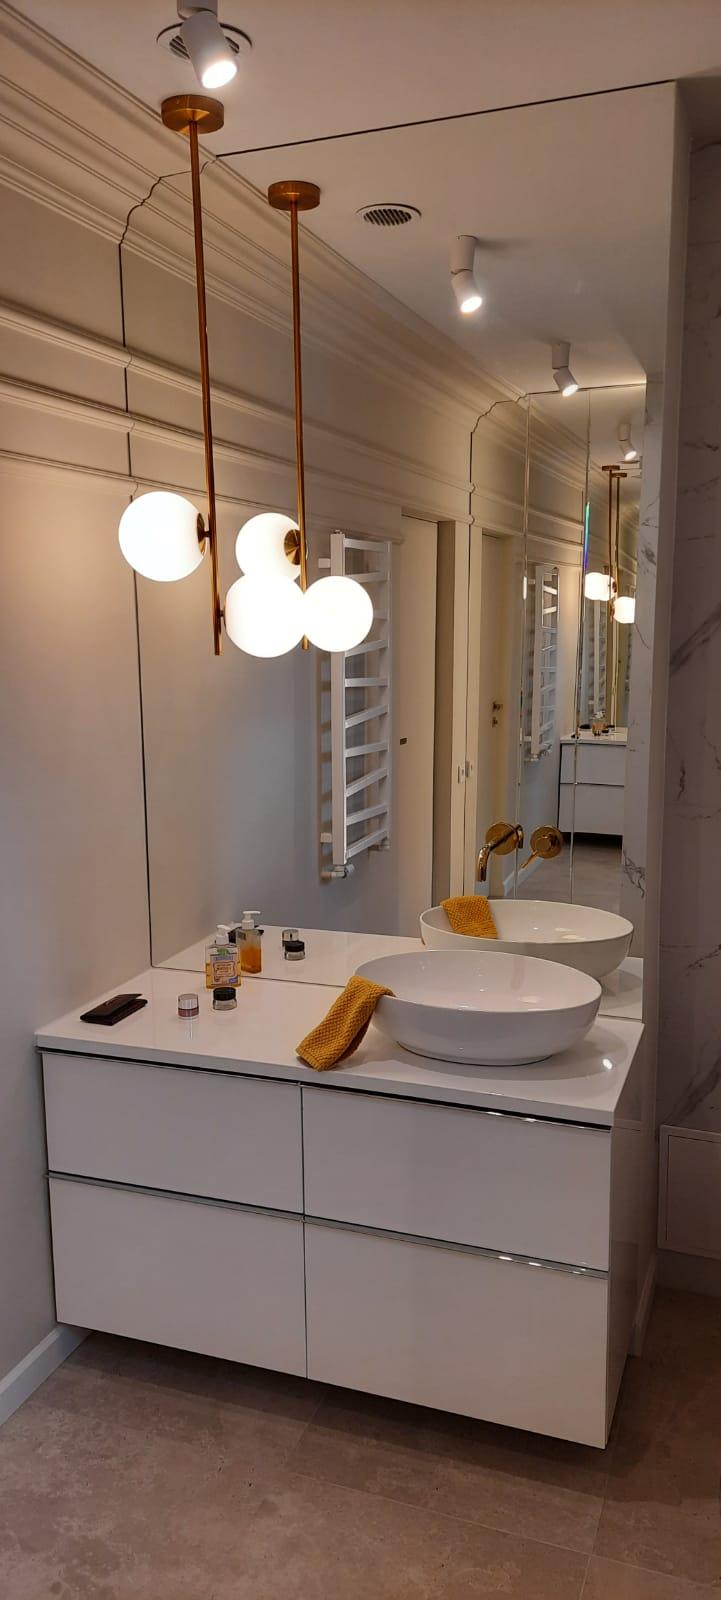 Lustro w łazience o skomplikowanym kształcie